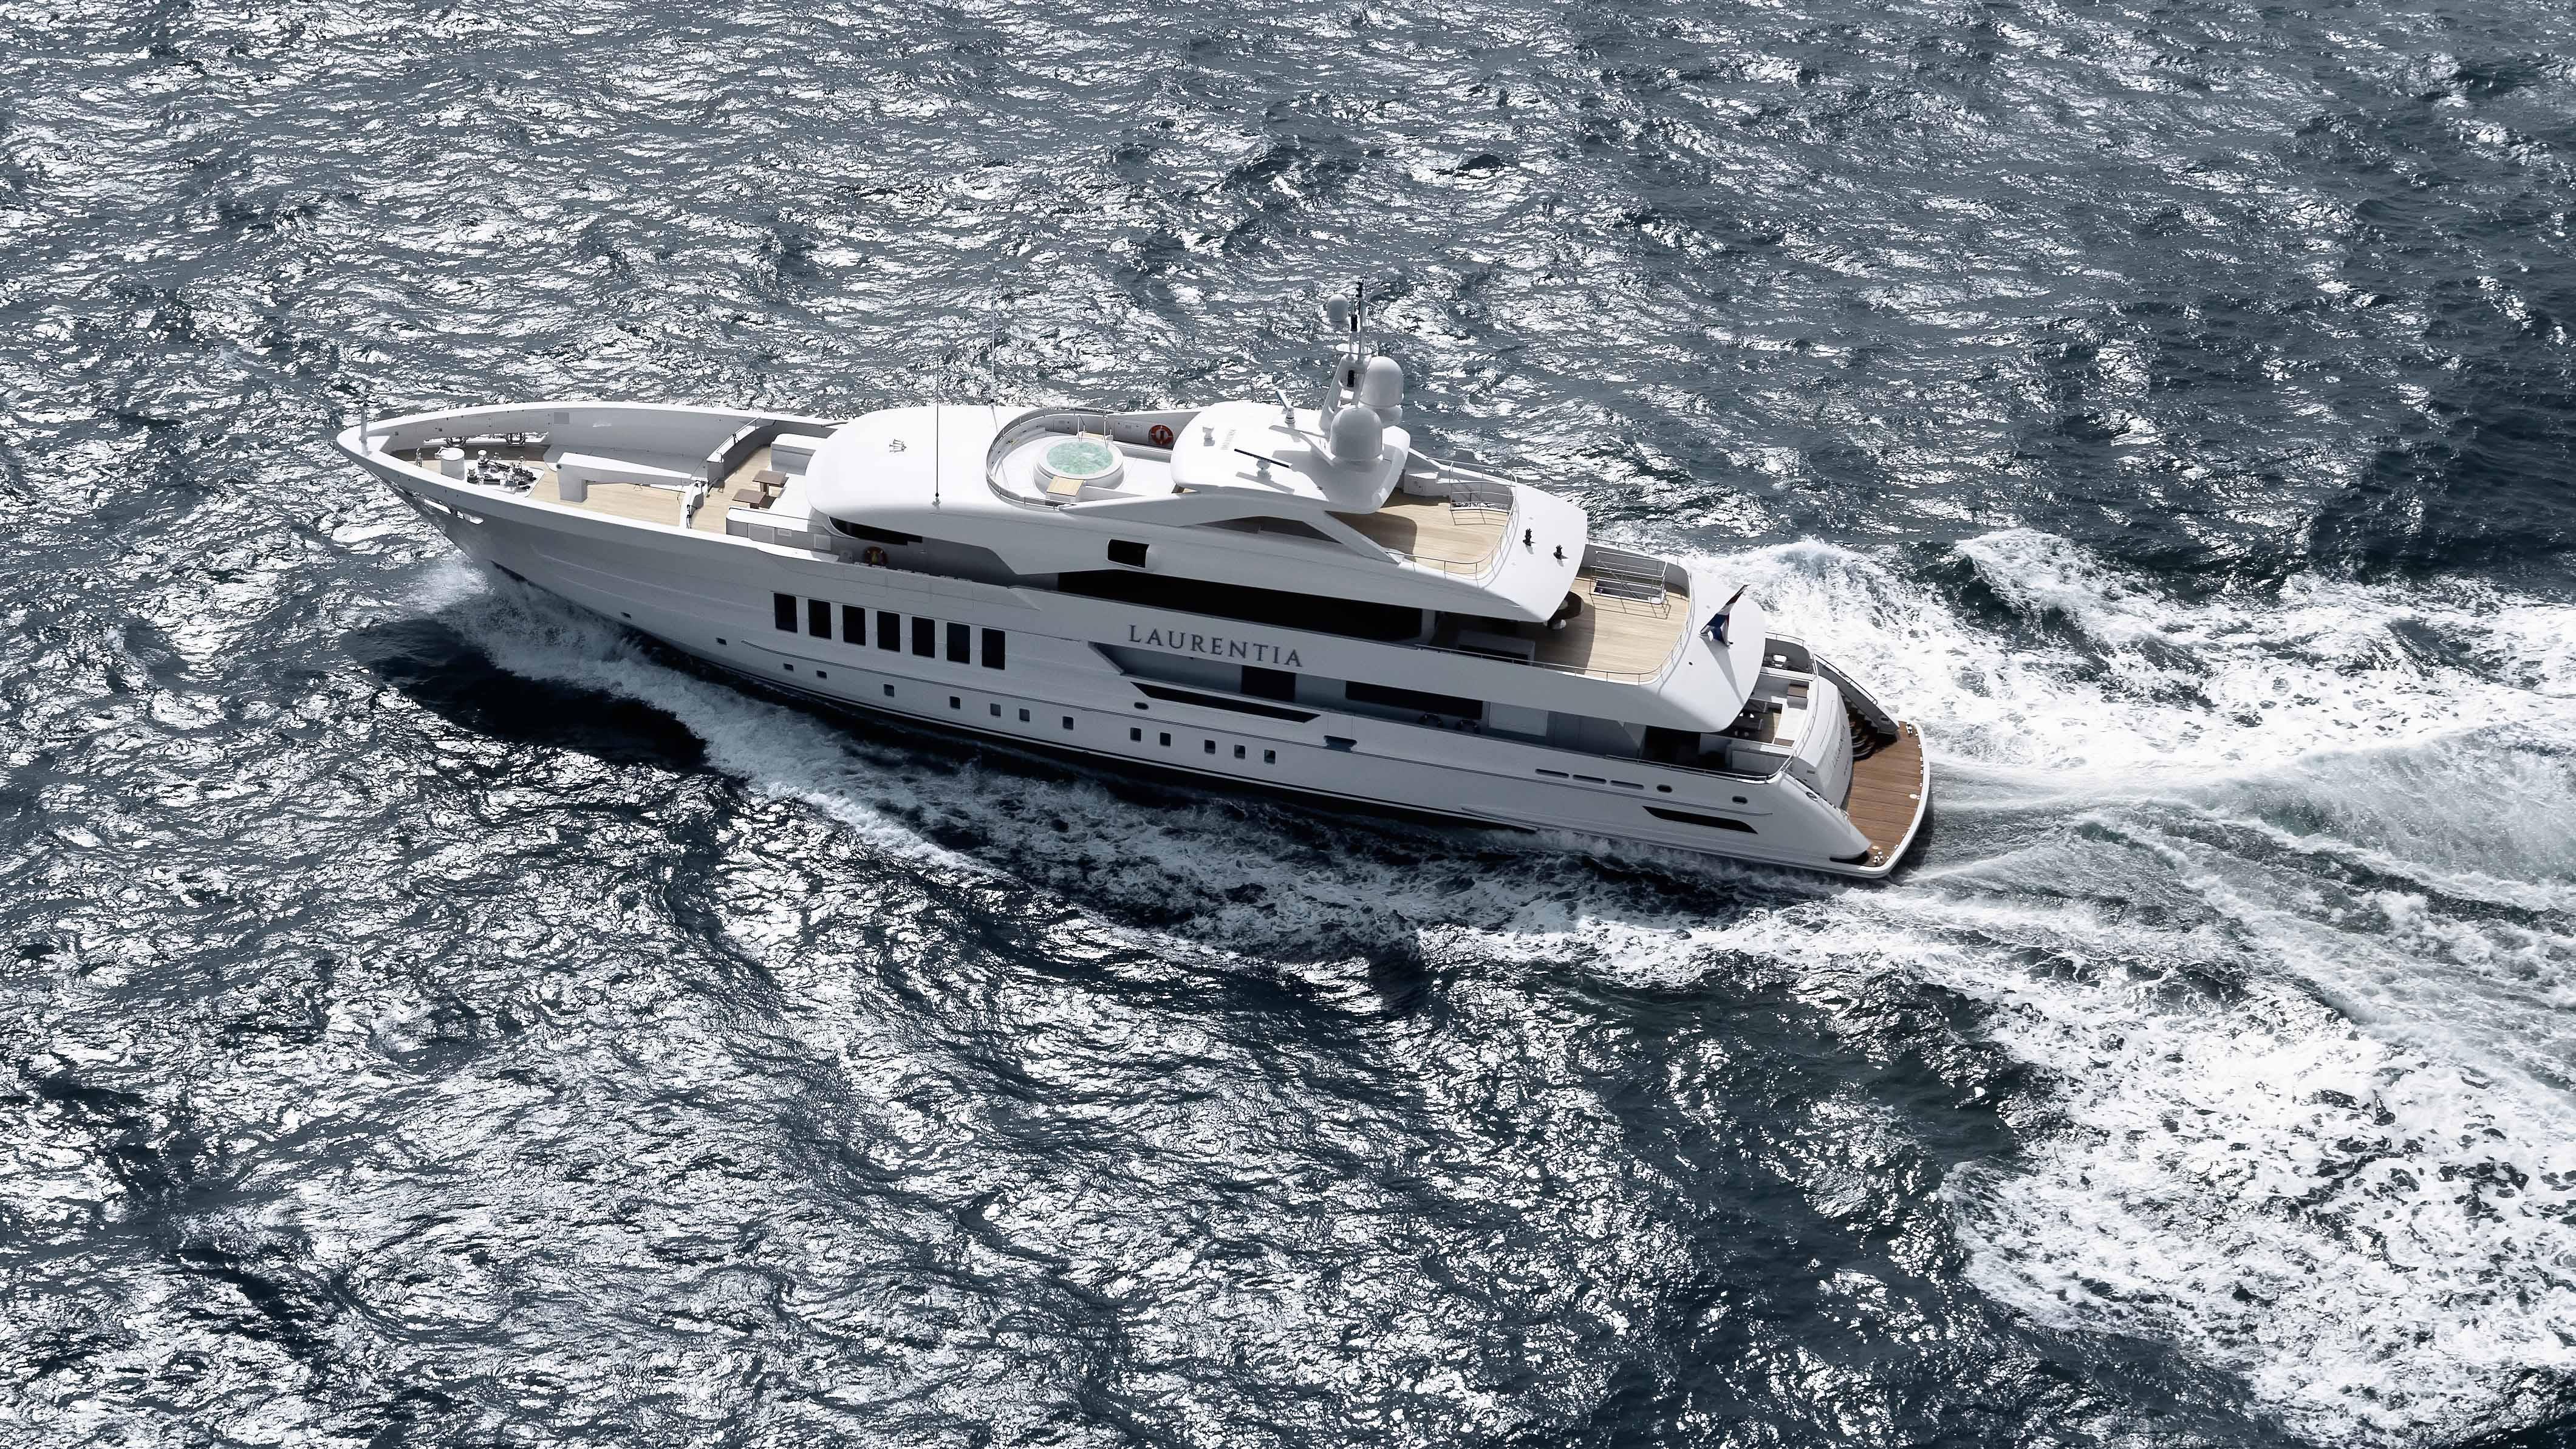 Heesen superyacht Laurentia Netherlands Dutch yacht